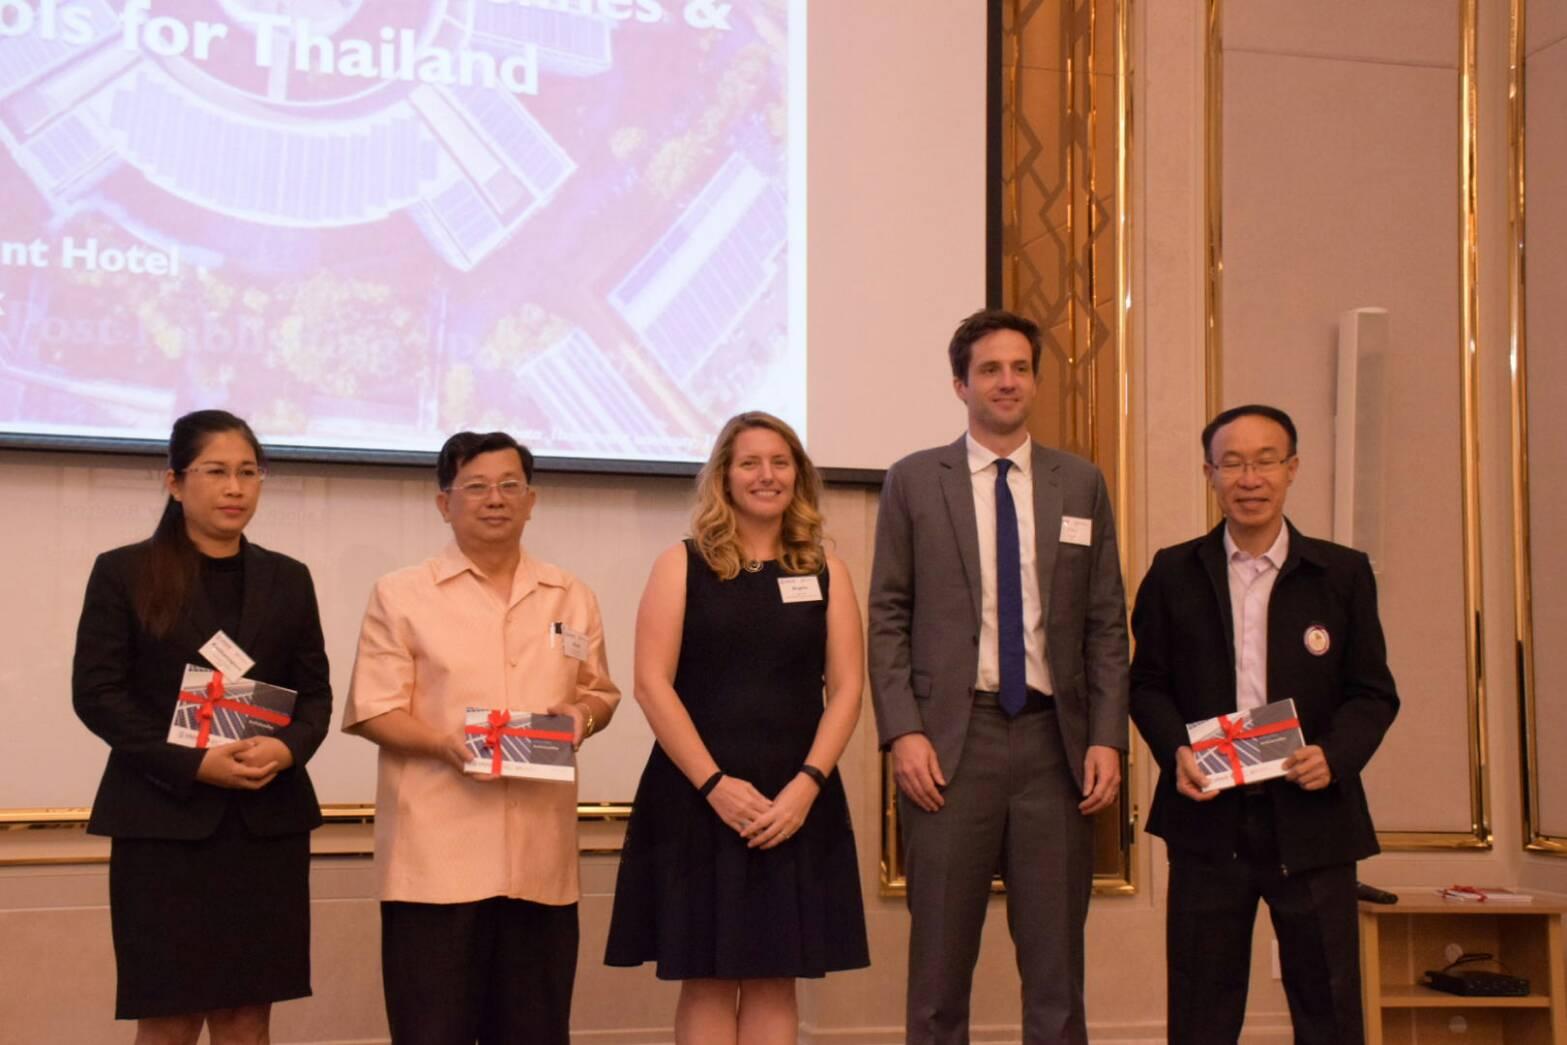 องค์กรความร่วมมือระหว่างประเทศของเยอรมัน (GIZ) ประจำประเทศไทย ร่วมกับองค์การเพื่อการพัฒนาระหว่างประเทศของสหรัฐอเมริกา (USAID) เปิดตัวคู่มือแนวทางการพัฒนาและลงทุนระบบผลิตไฟฟ้าจากพลังงานแสงอาทิตย์ที่ติดตั้งบนหลังคาครั้งแรกในประเทศไทย